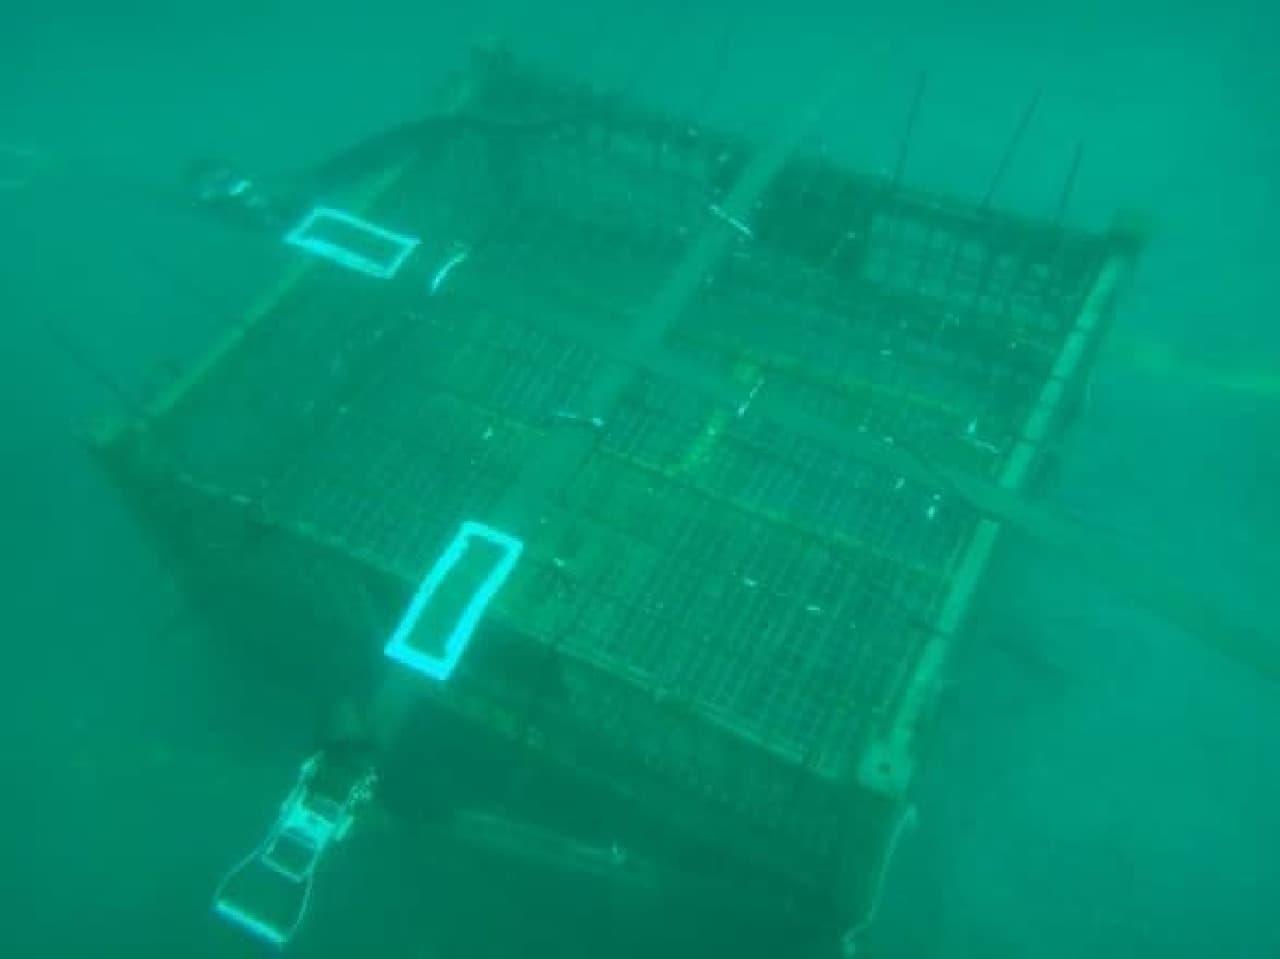 海底に沈めてあるようす